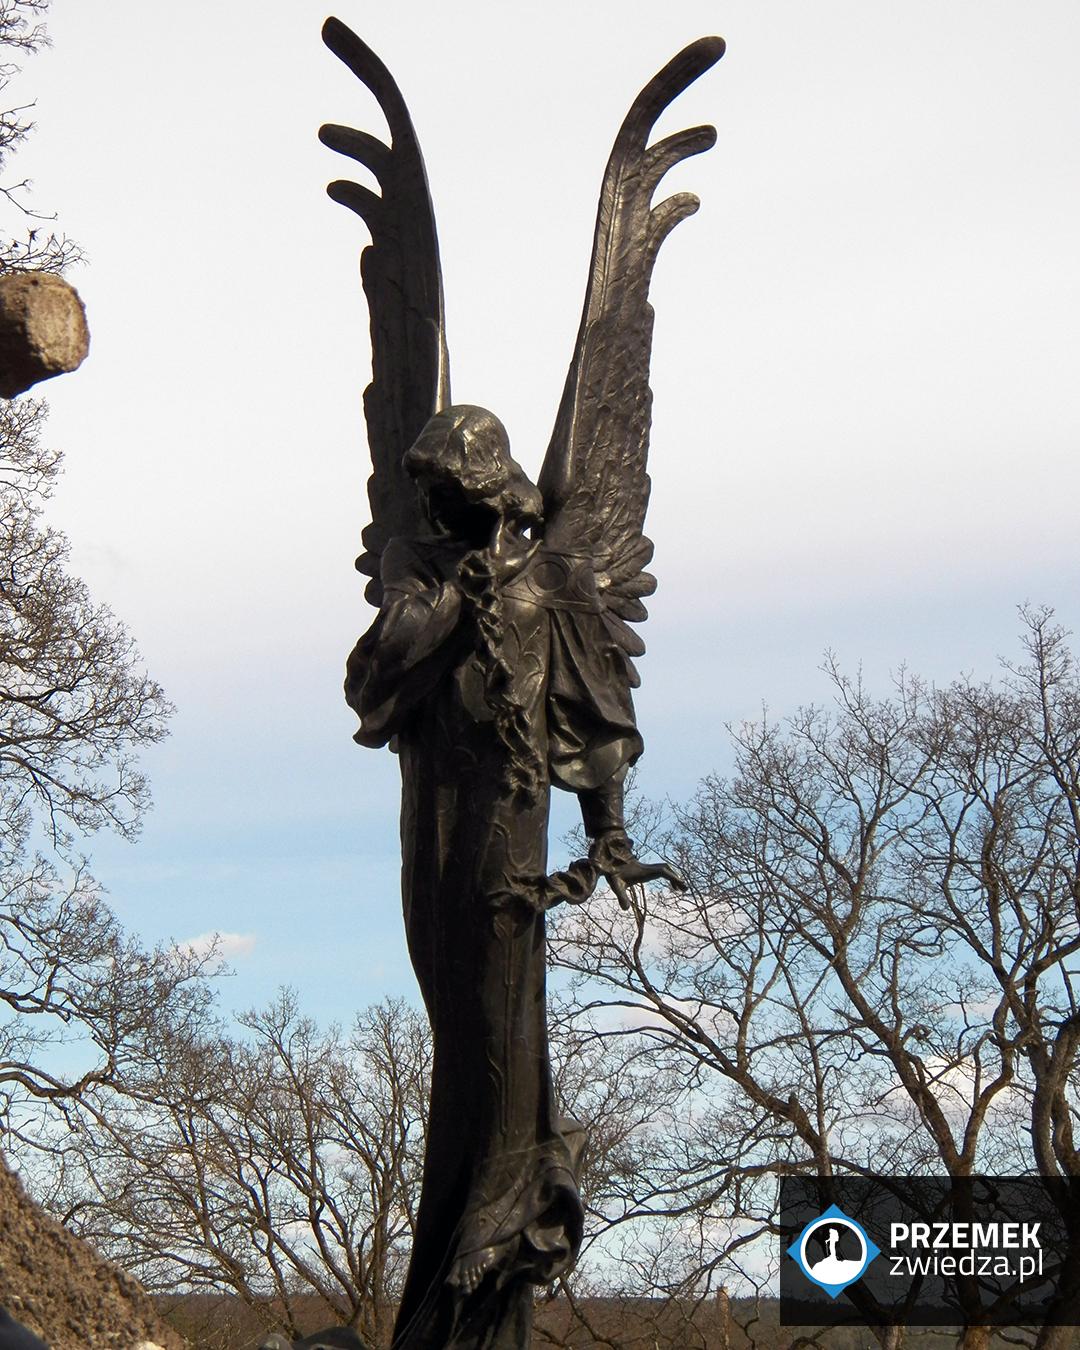 Anioł z brązu, najpiękniejszy pomnik na cmentarzu Wilno